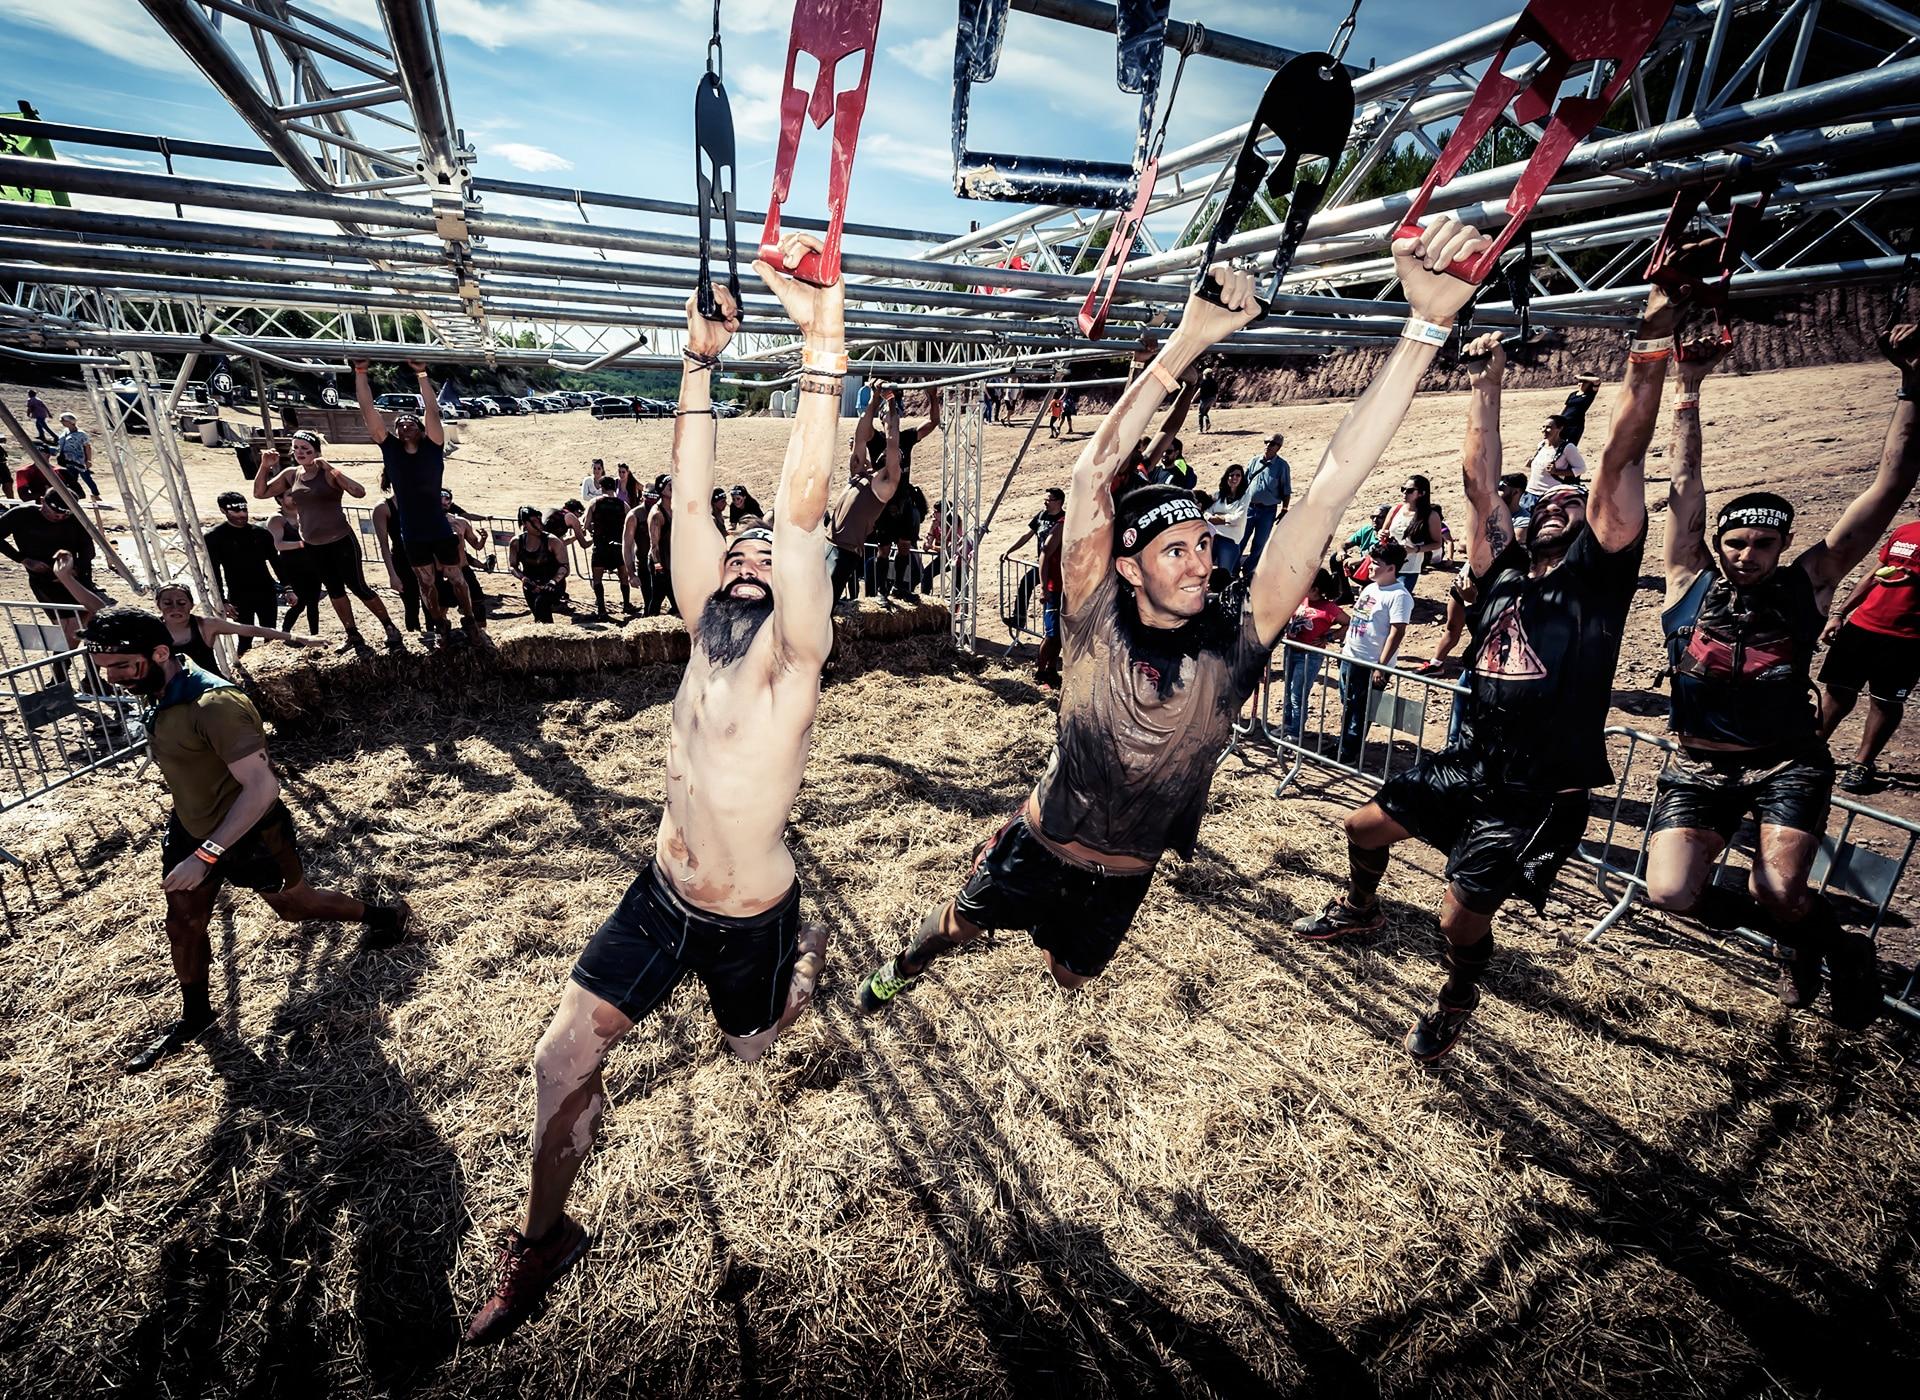 outdoor-produccion-evento-carrera-obstaculos-spartanrace-promotorevents